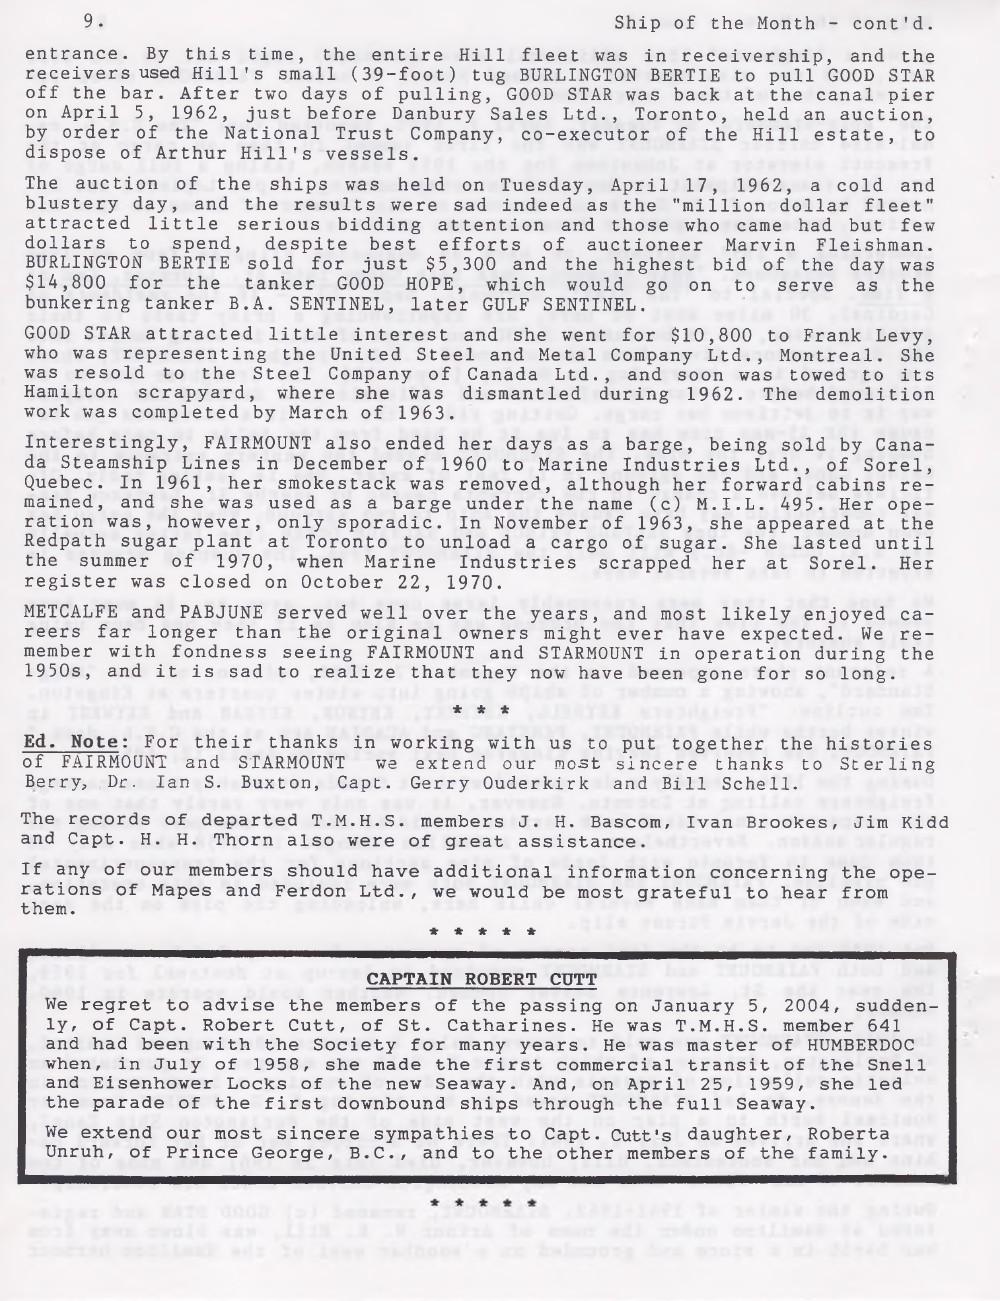 Scanner, v. 36, no. 7 (April 2004)